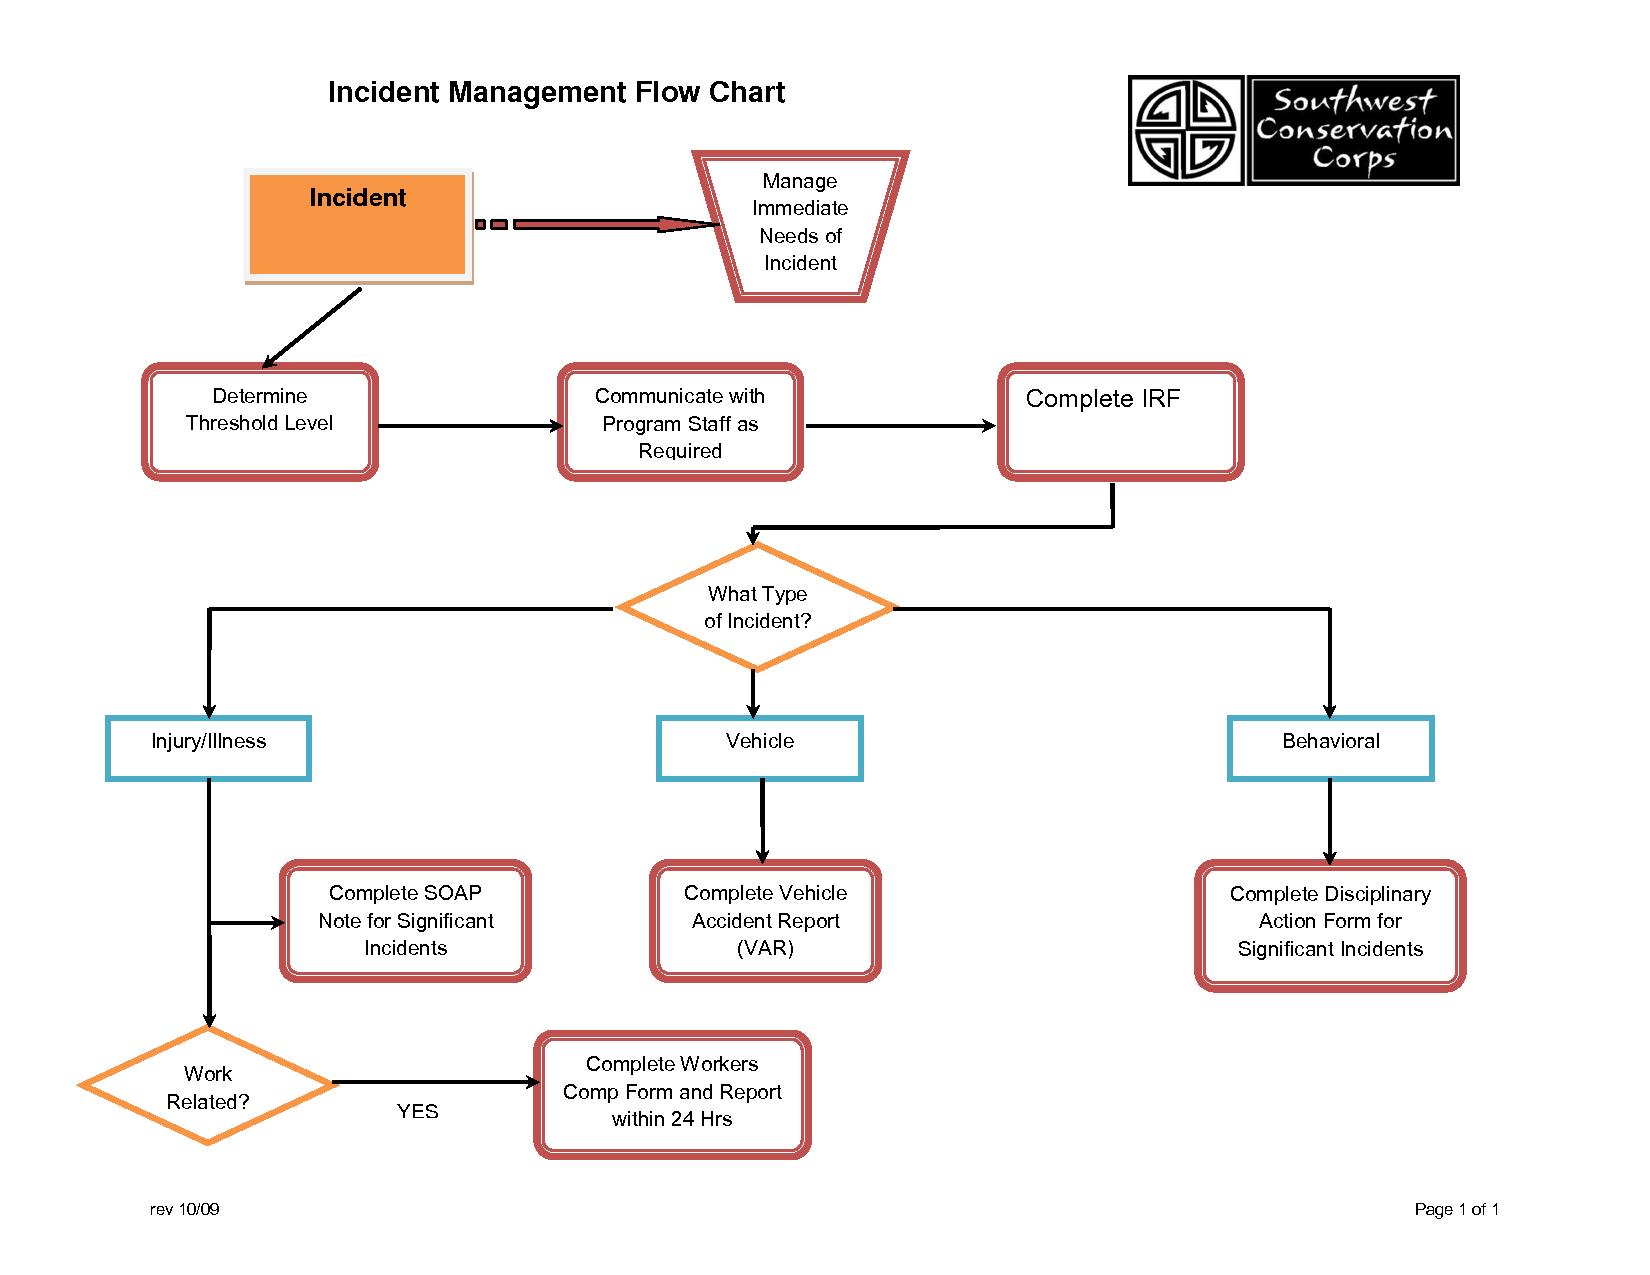 program management process templates incident management flow chart [ 1650 x 1275 Pixel ]